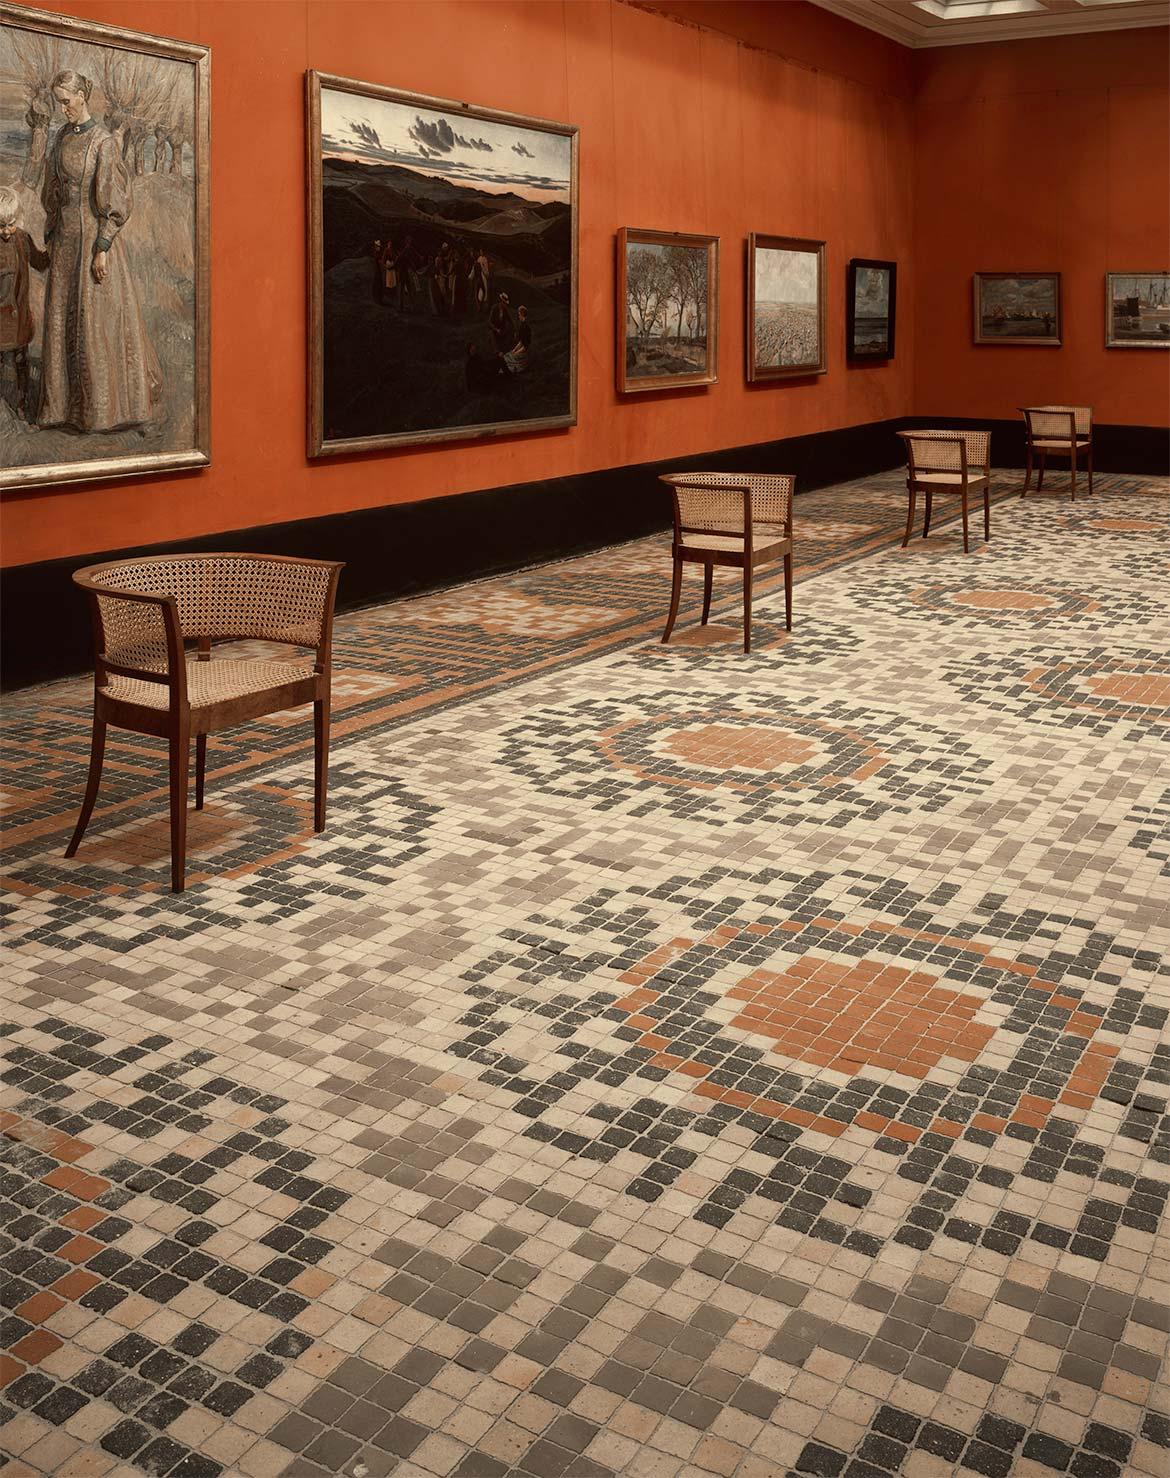 Store malerisal med malerier af Fritz Syberg, Johannes Larsen og Jens Birkholm.